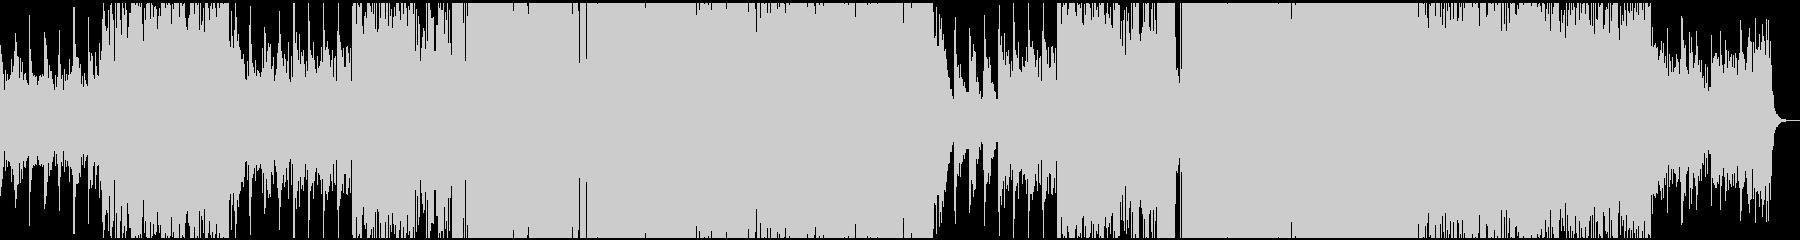 幻想的ながらも不気味なドラムンベースの未再生の波形